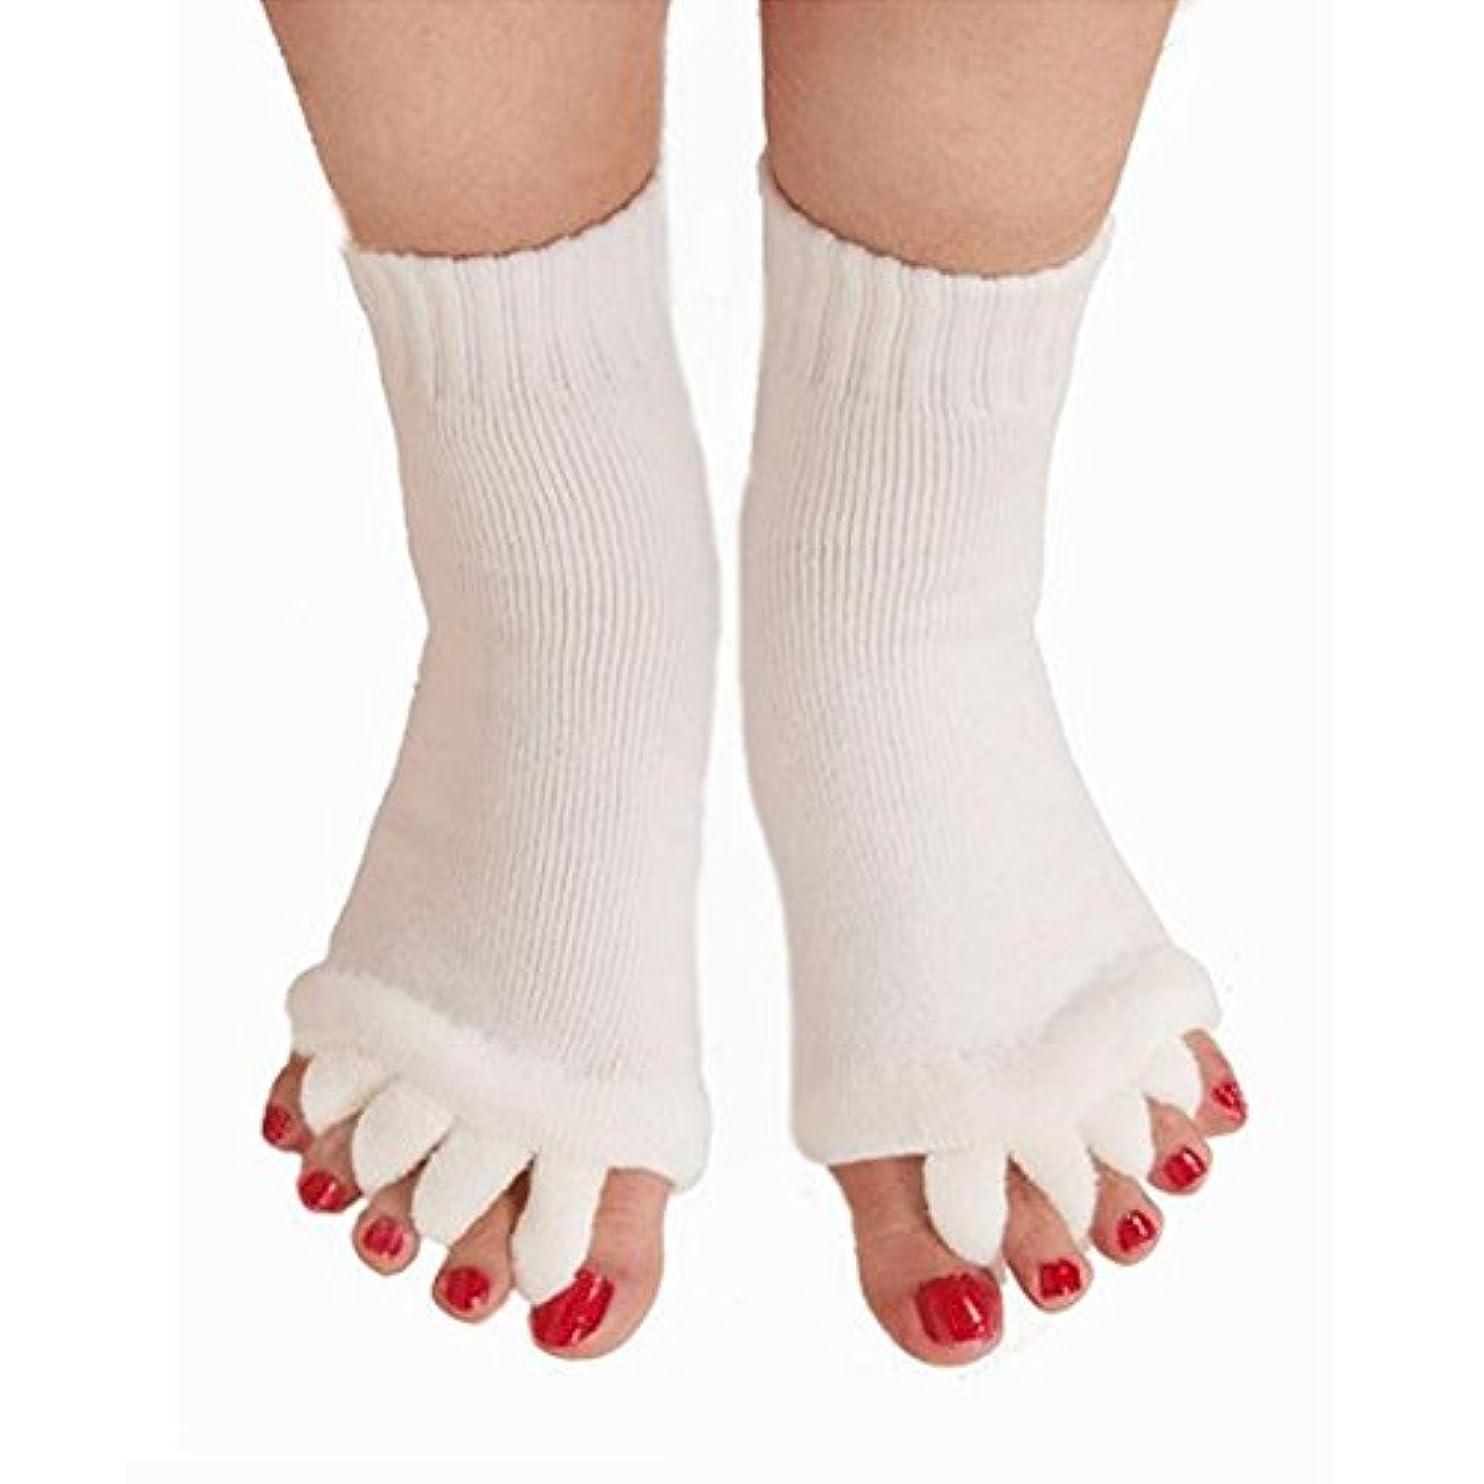 誘惑かごレトルト5本指 ソックス 靴下 足指全開 スリーピングソックス 足指ケア 痛みを軽減する 外反母趾 偏平足対策 ヨガウェア 美脚 就寝時用 快眠 むくみ解消 ホワイト 1ペア